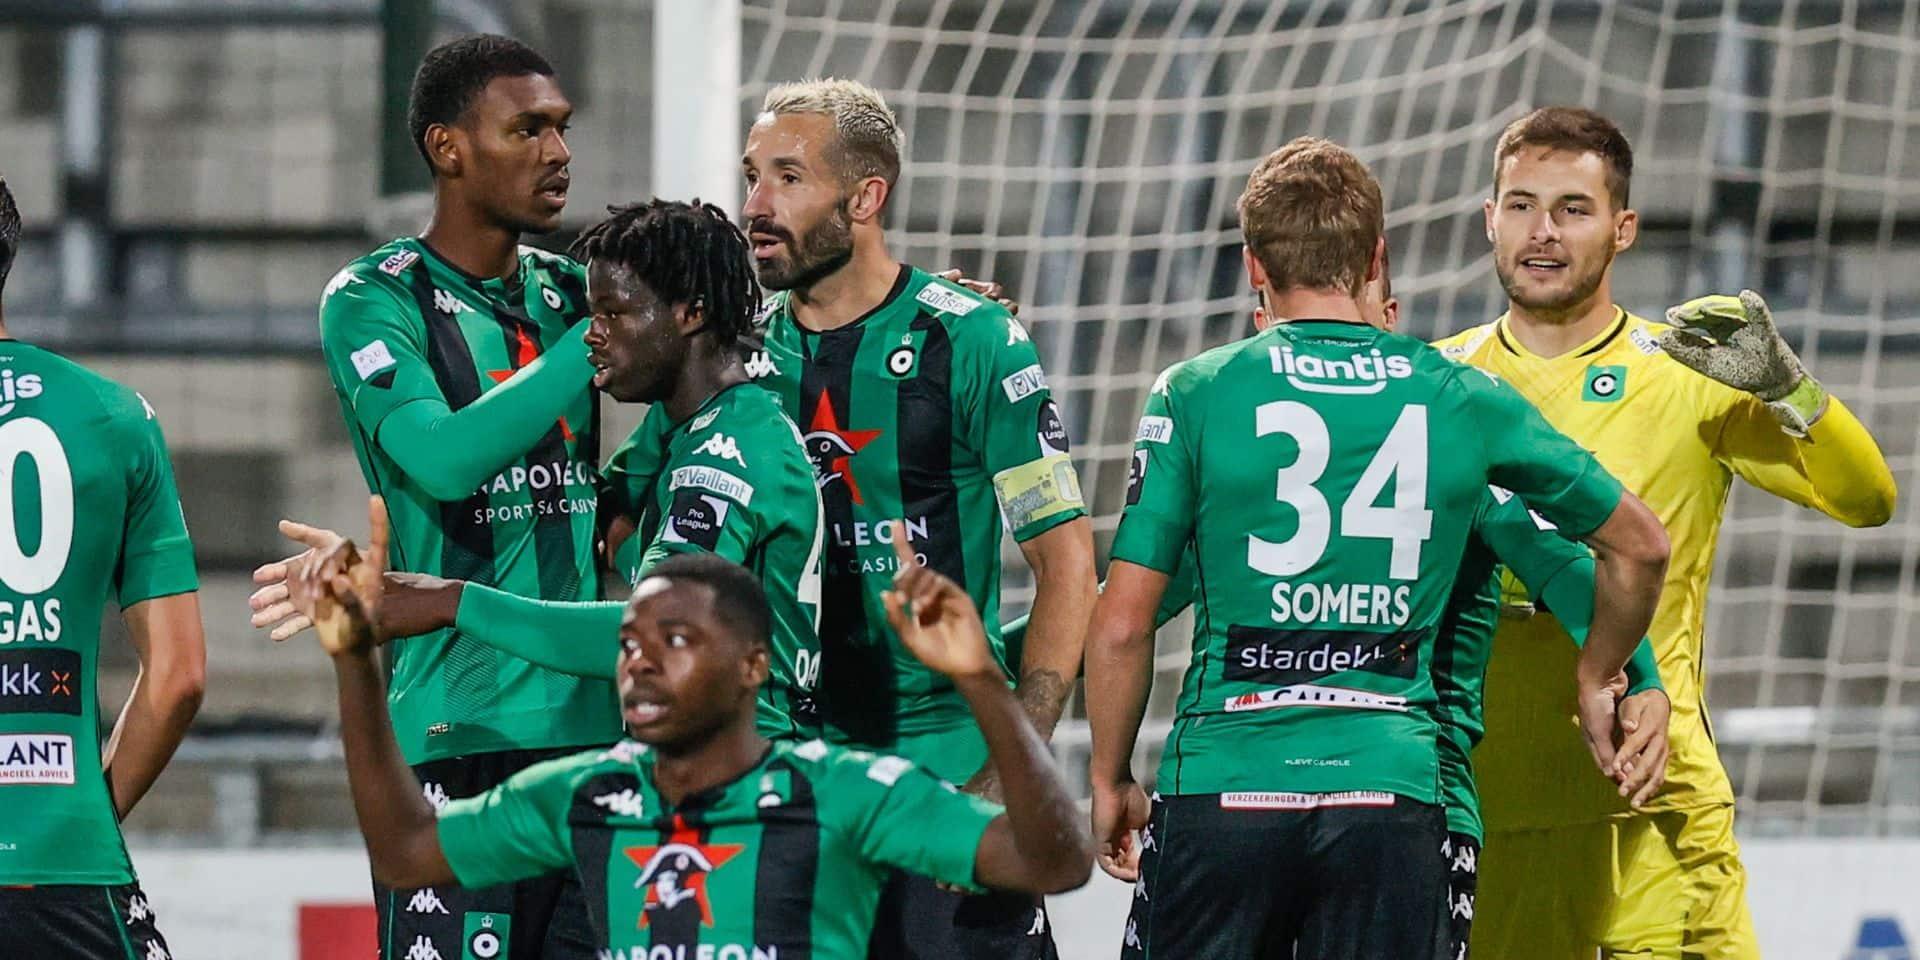 Le Cercle s'impose à Eupen, OHL bat Zulte Waregem, nul blanc entre Saint-Trond et Courtrai